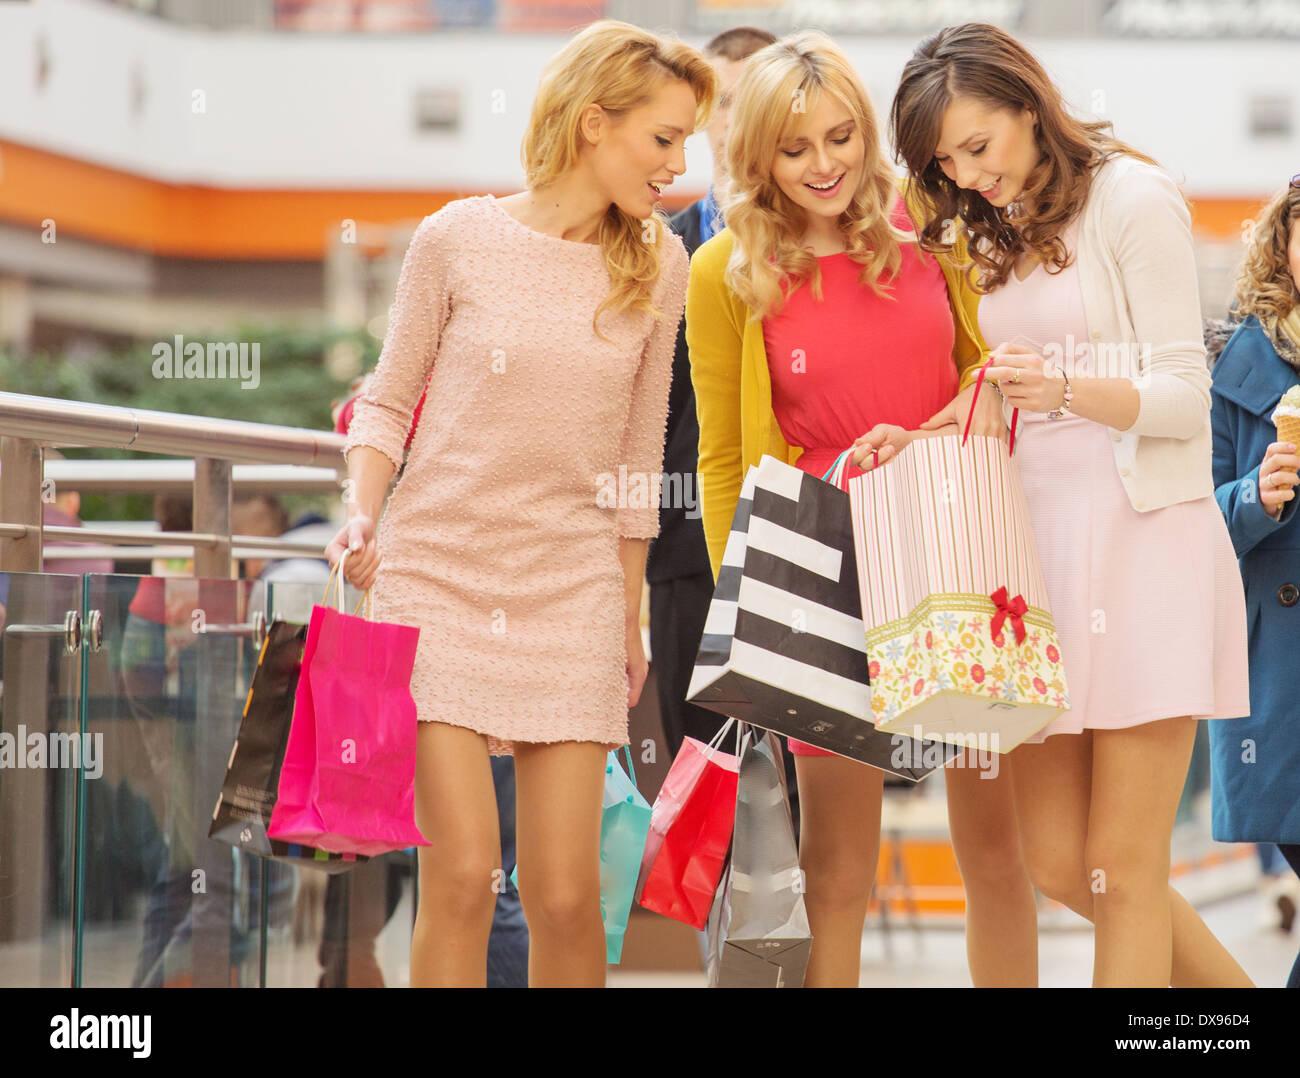 94d7ddf874 Die attraktiven Damen in der Shopping mall Stockfoto, Bild: 67814800 ...